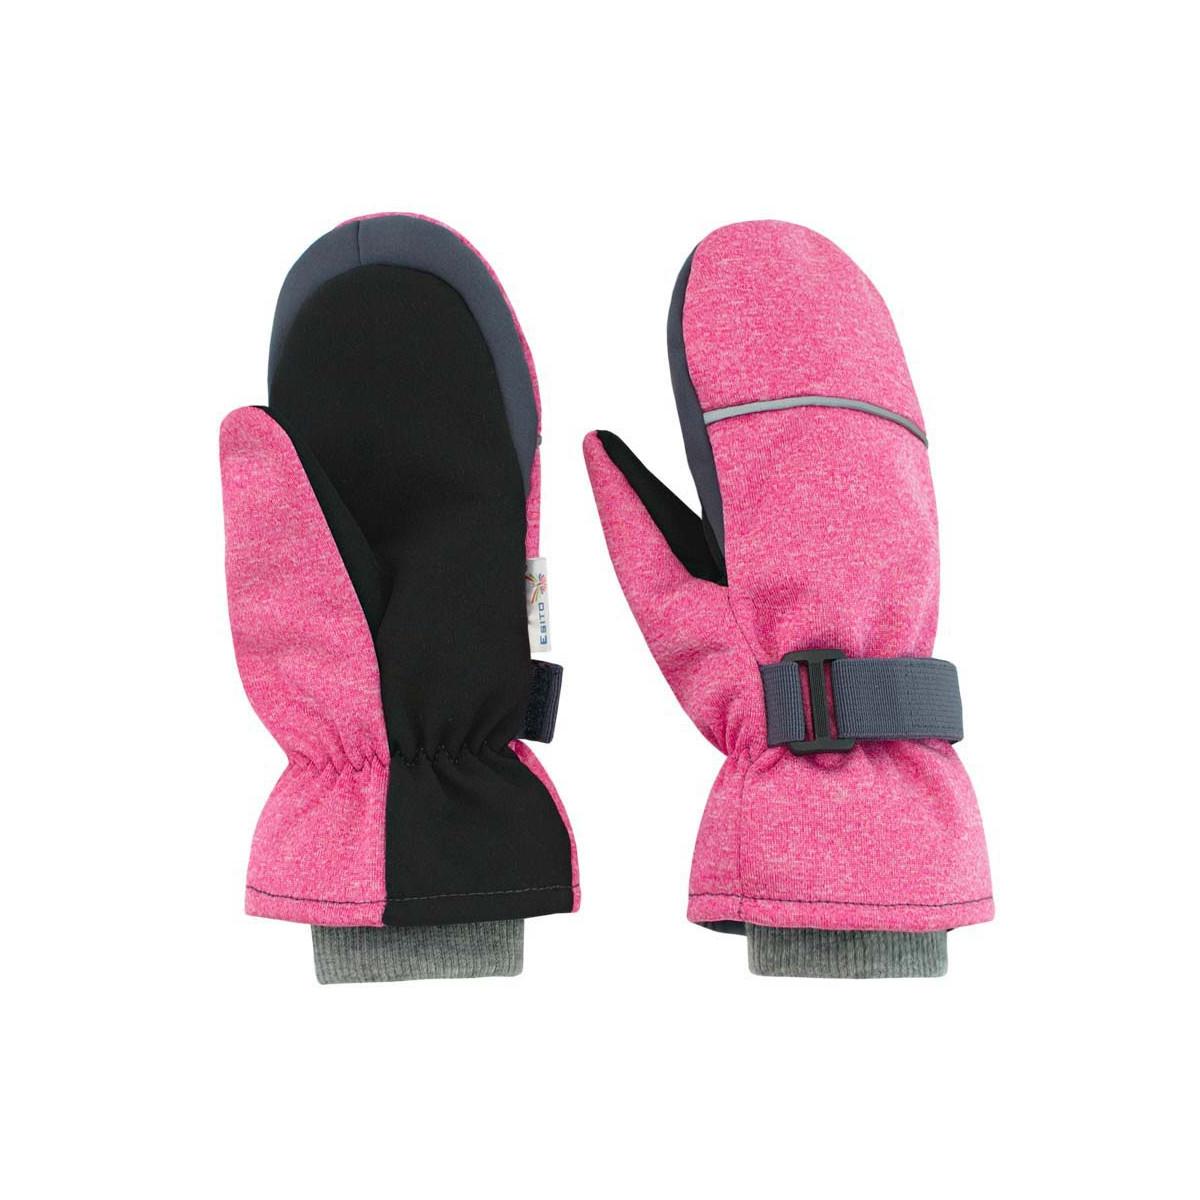 cdfc0e5c03a ESITO - Dětské zimní rukavice Softshell vel. 3 - 6 let